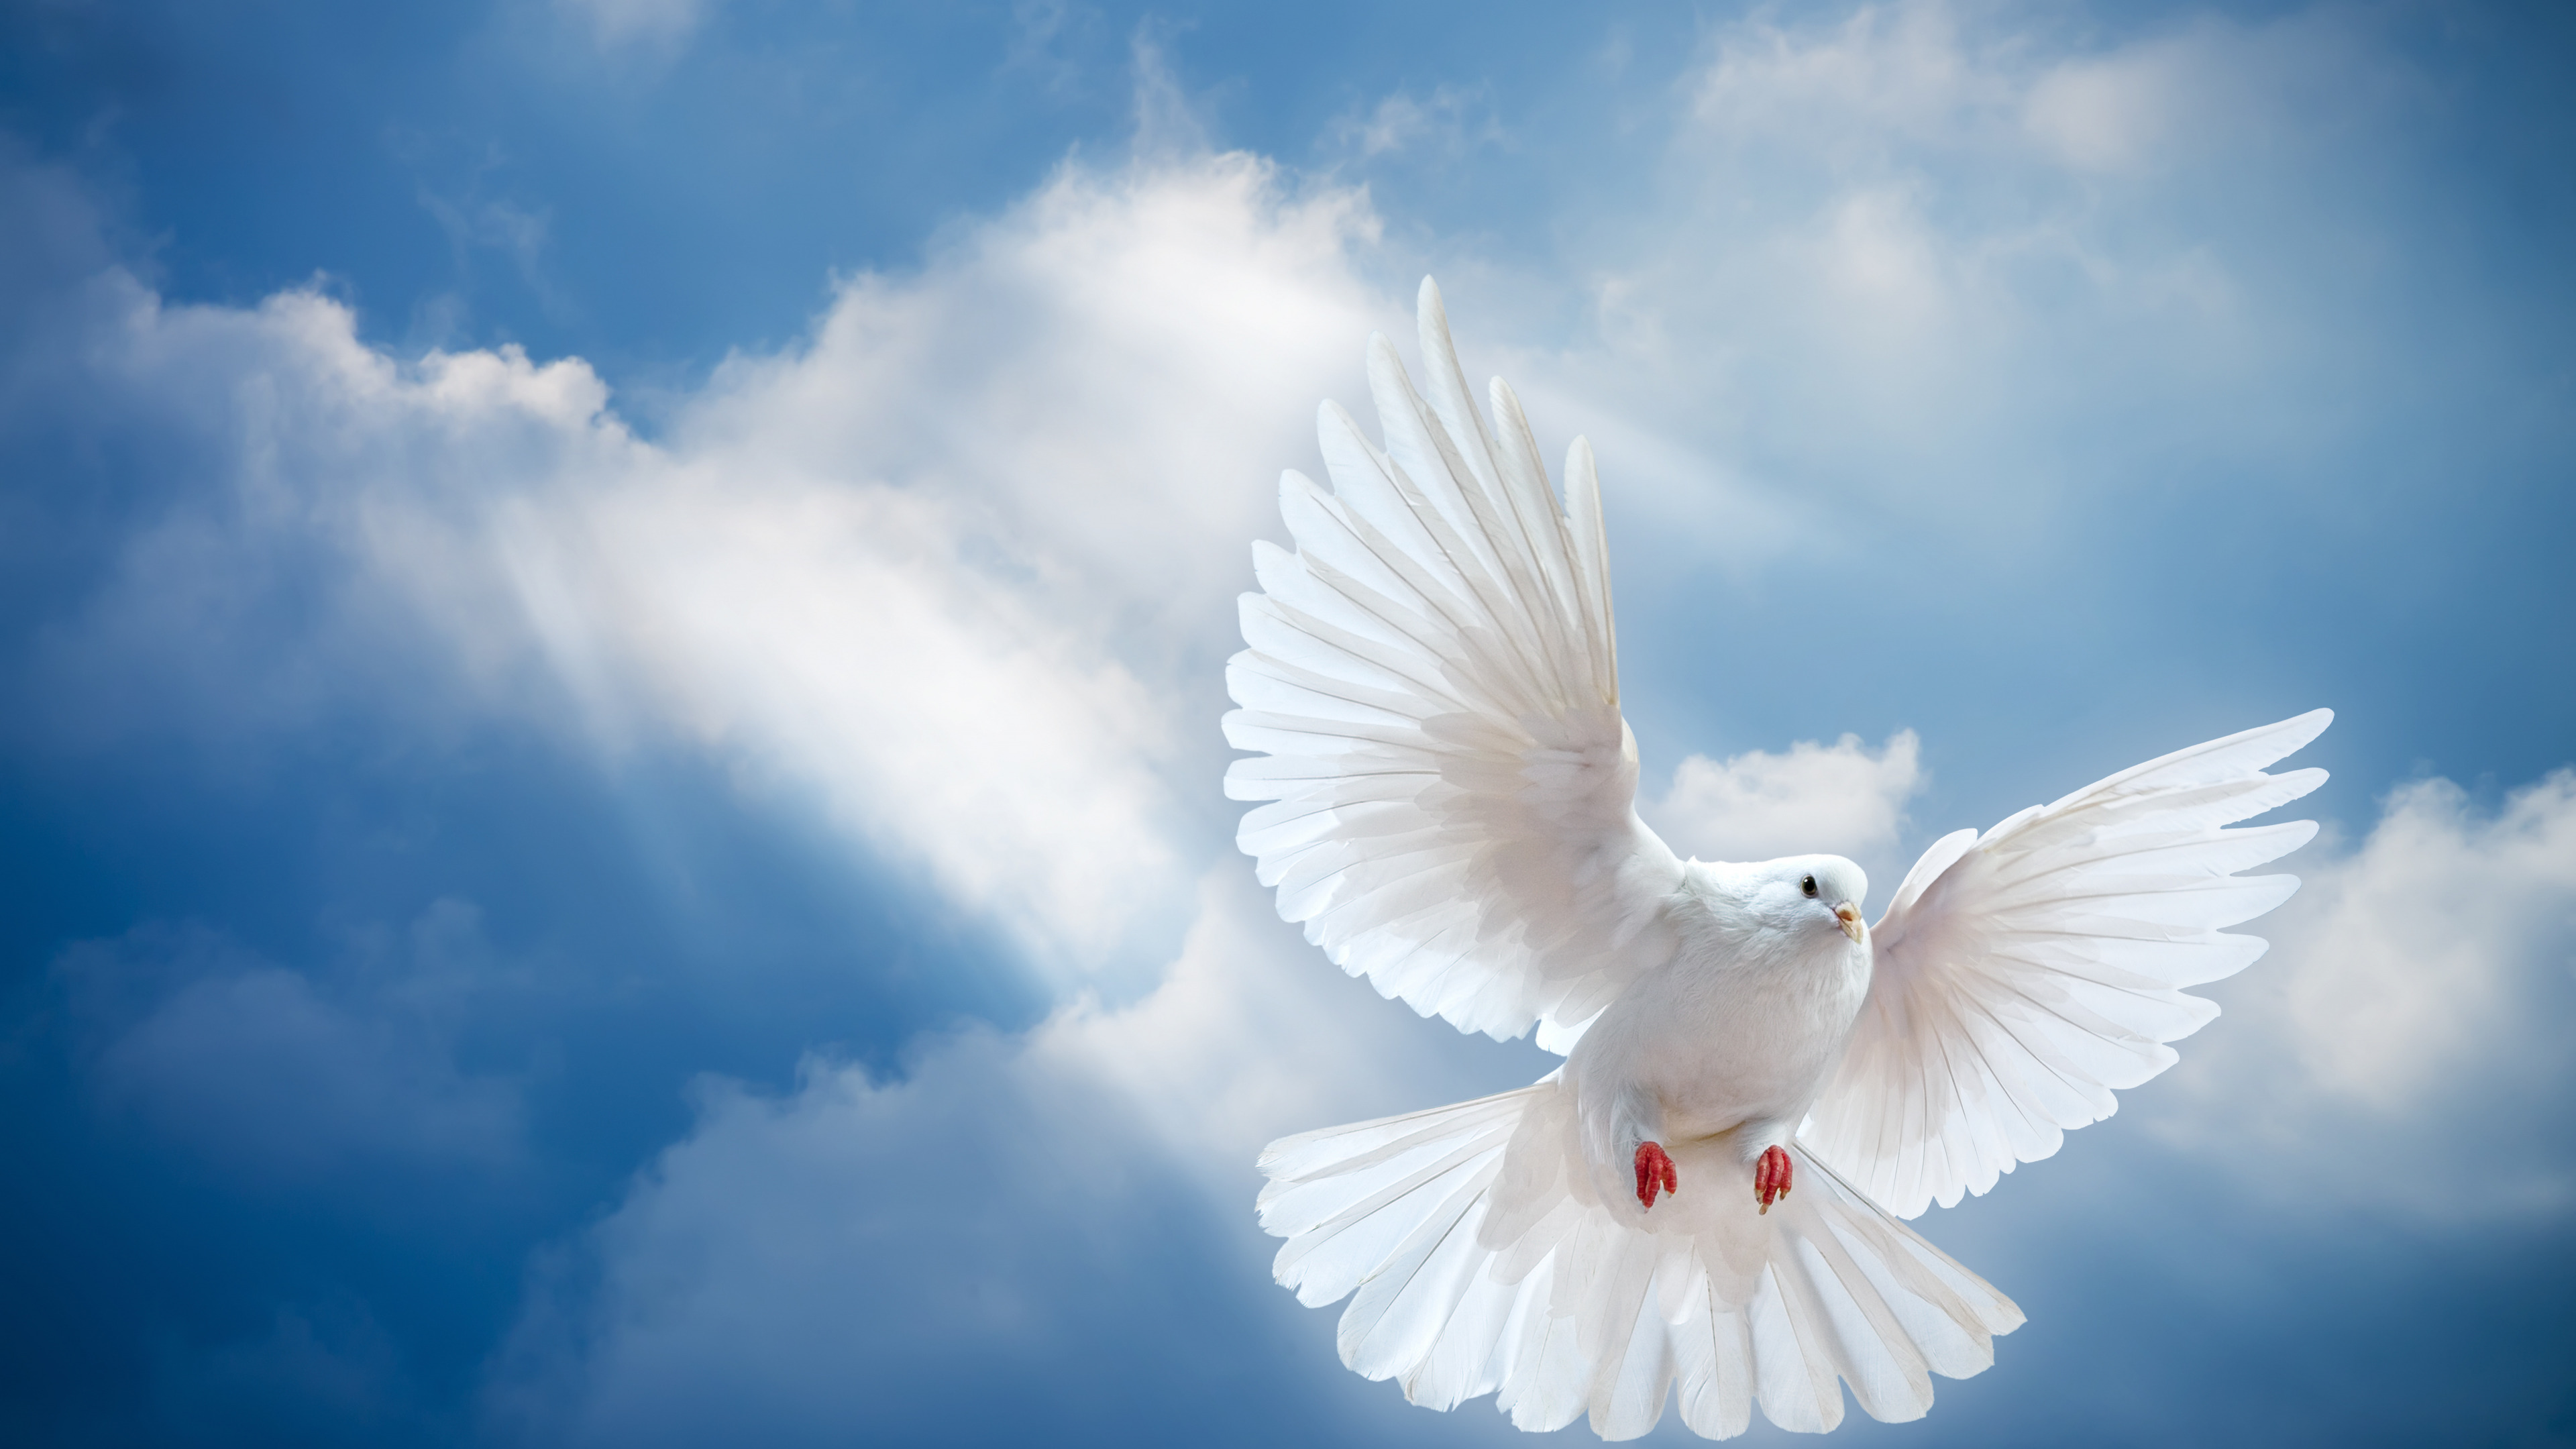 Картинка с небом и голубями